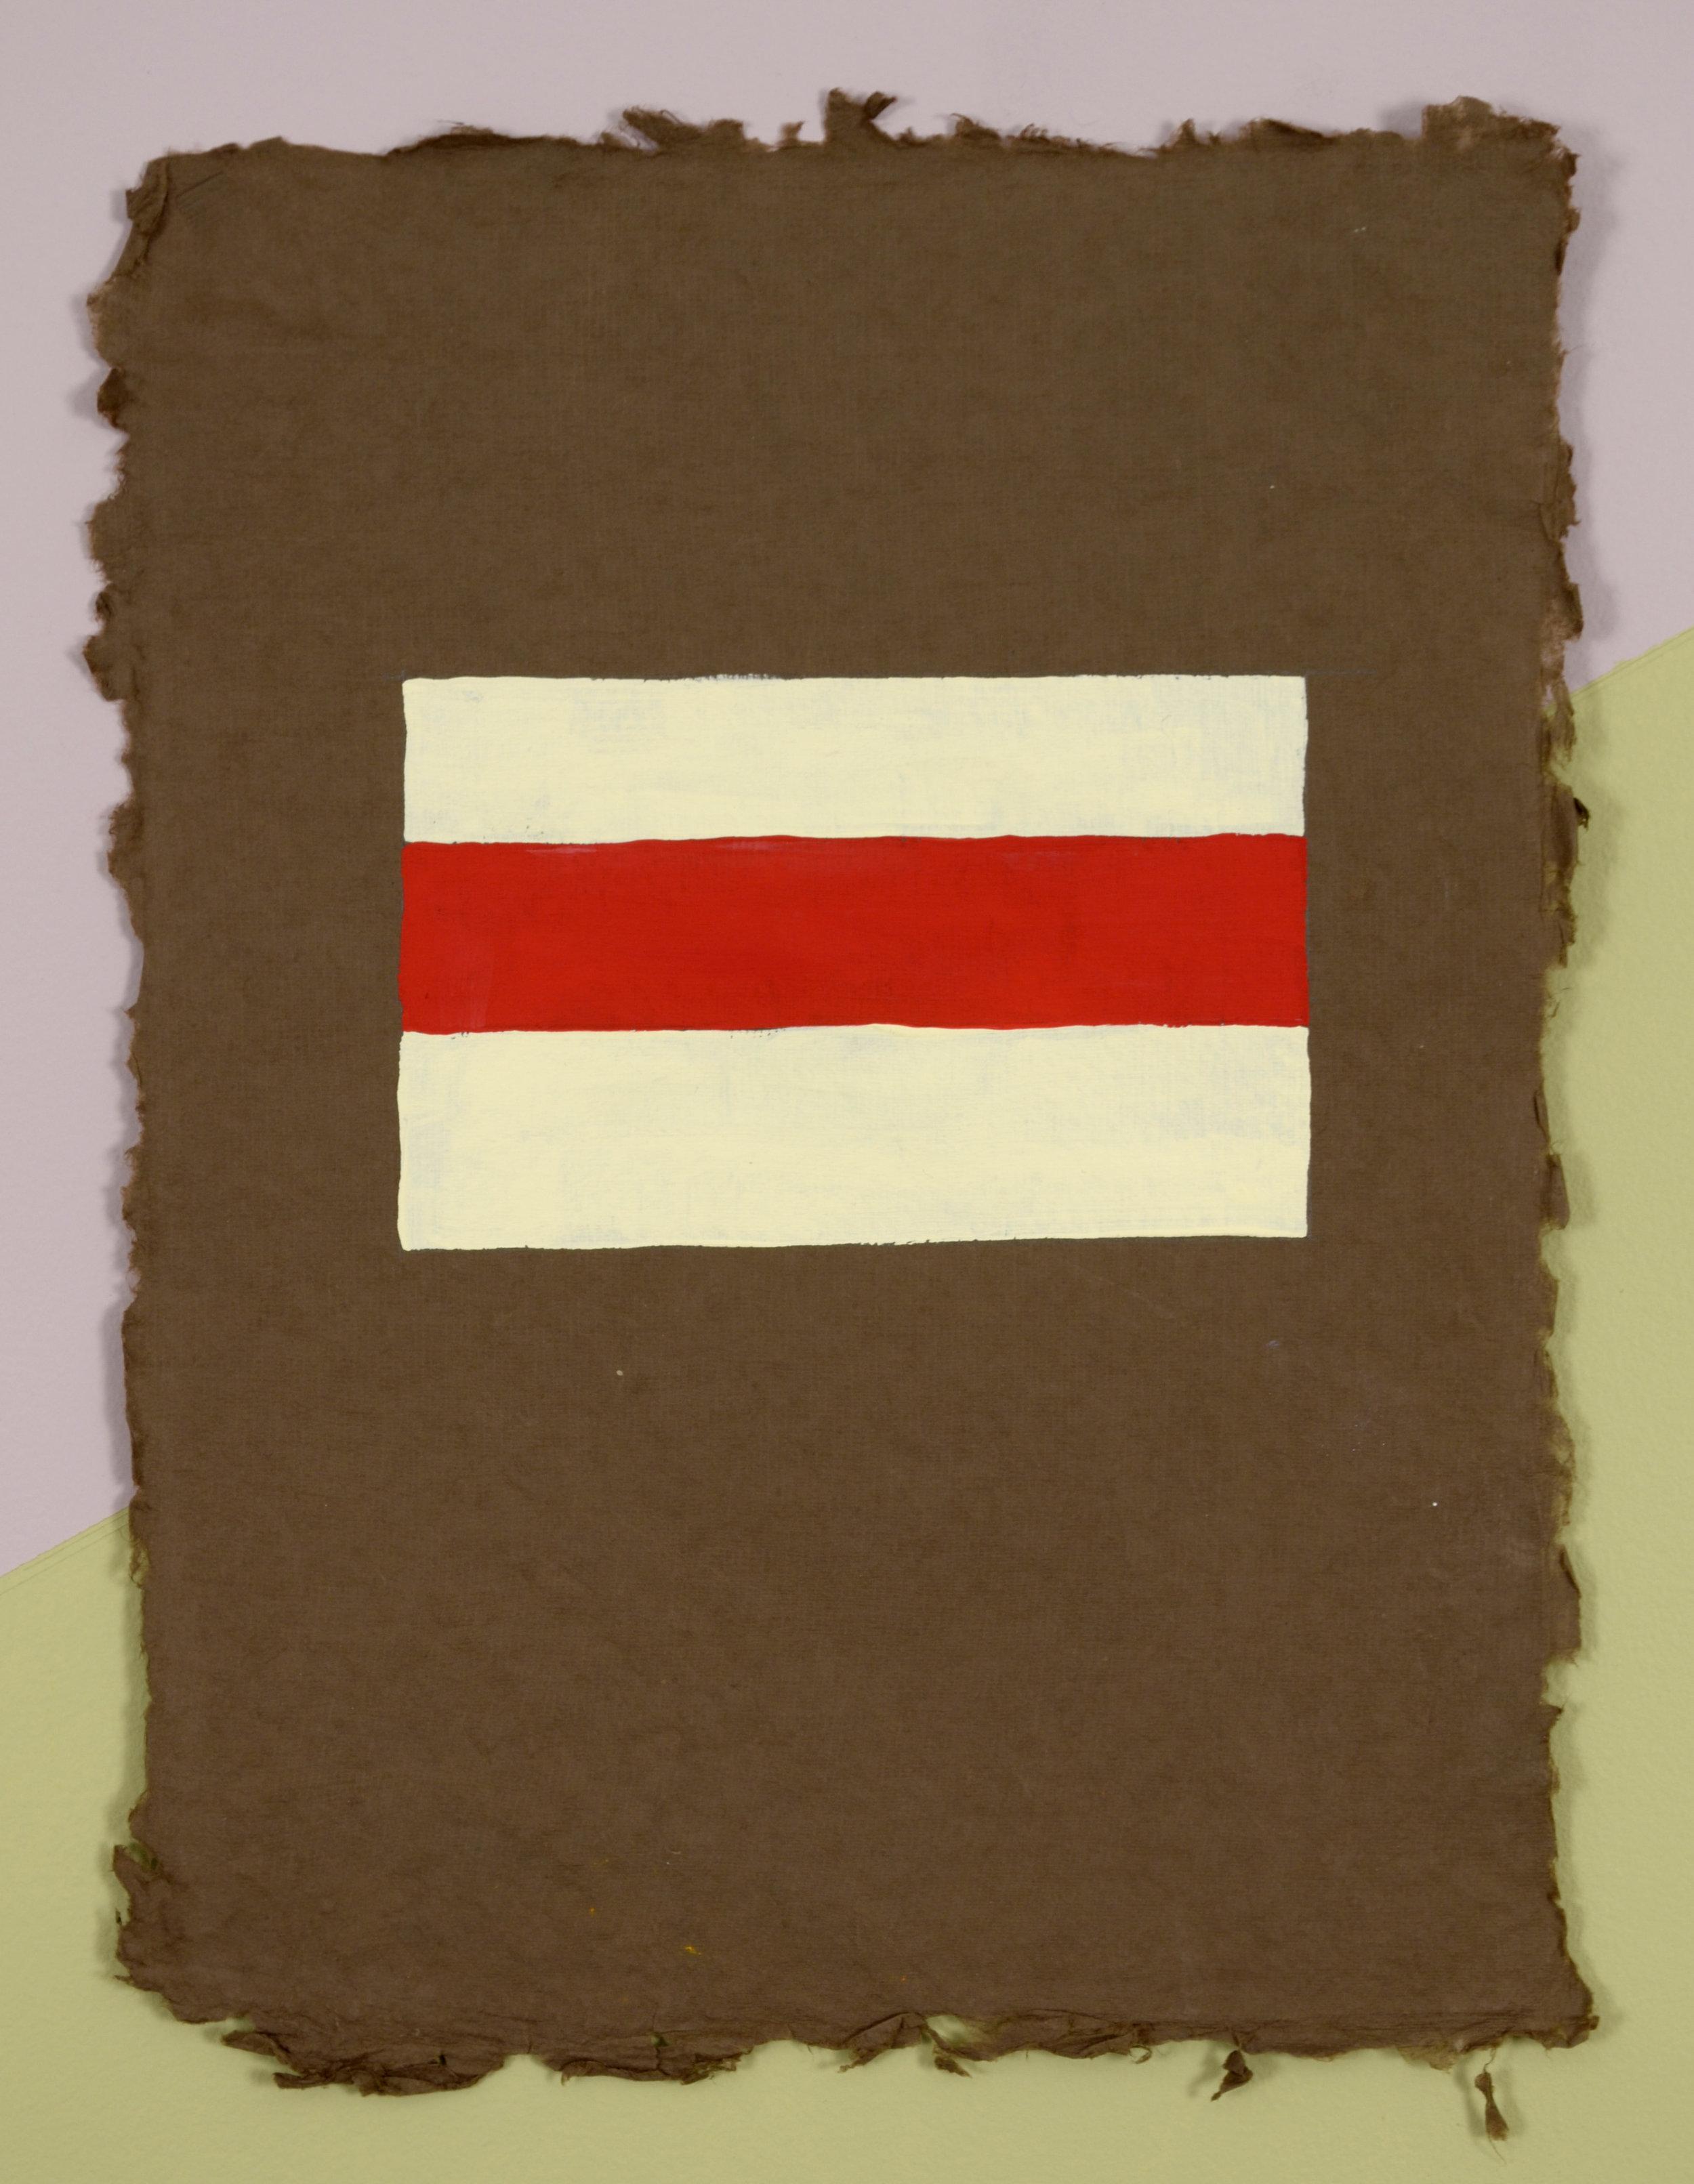 Tantra Stripe #6